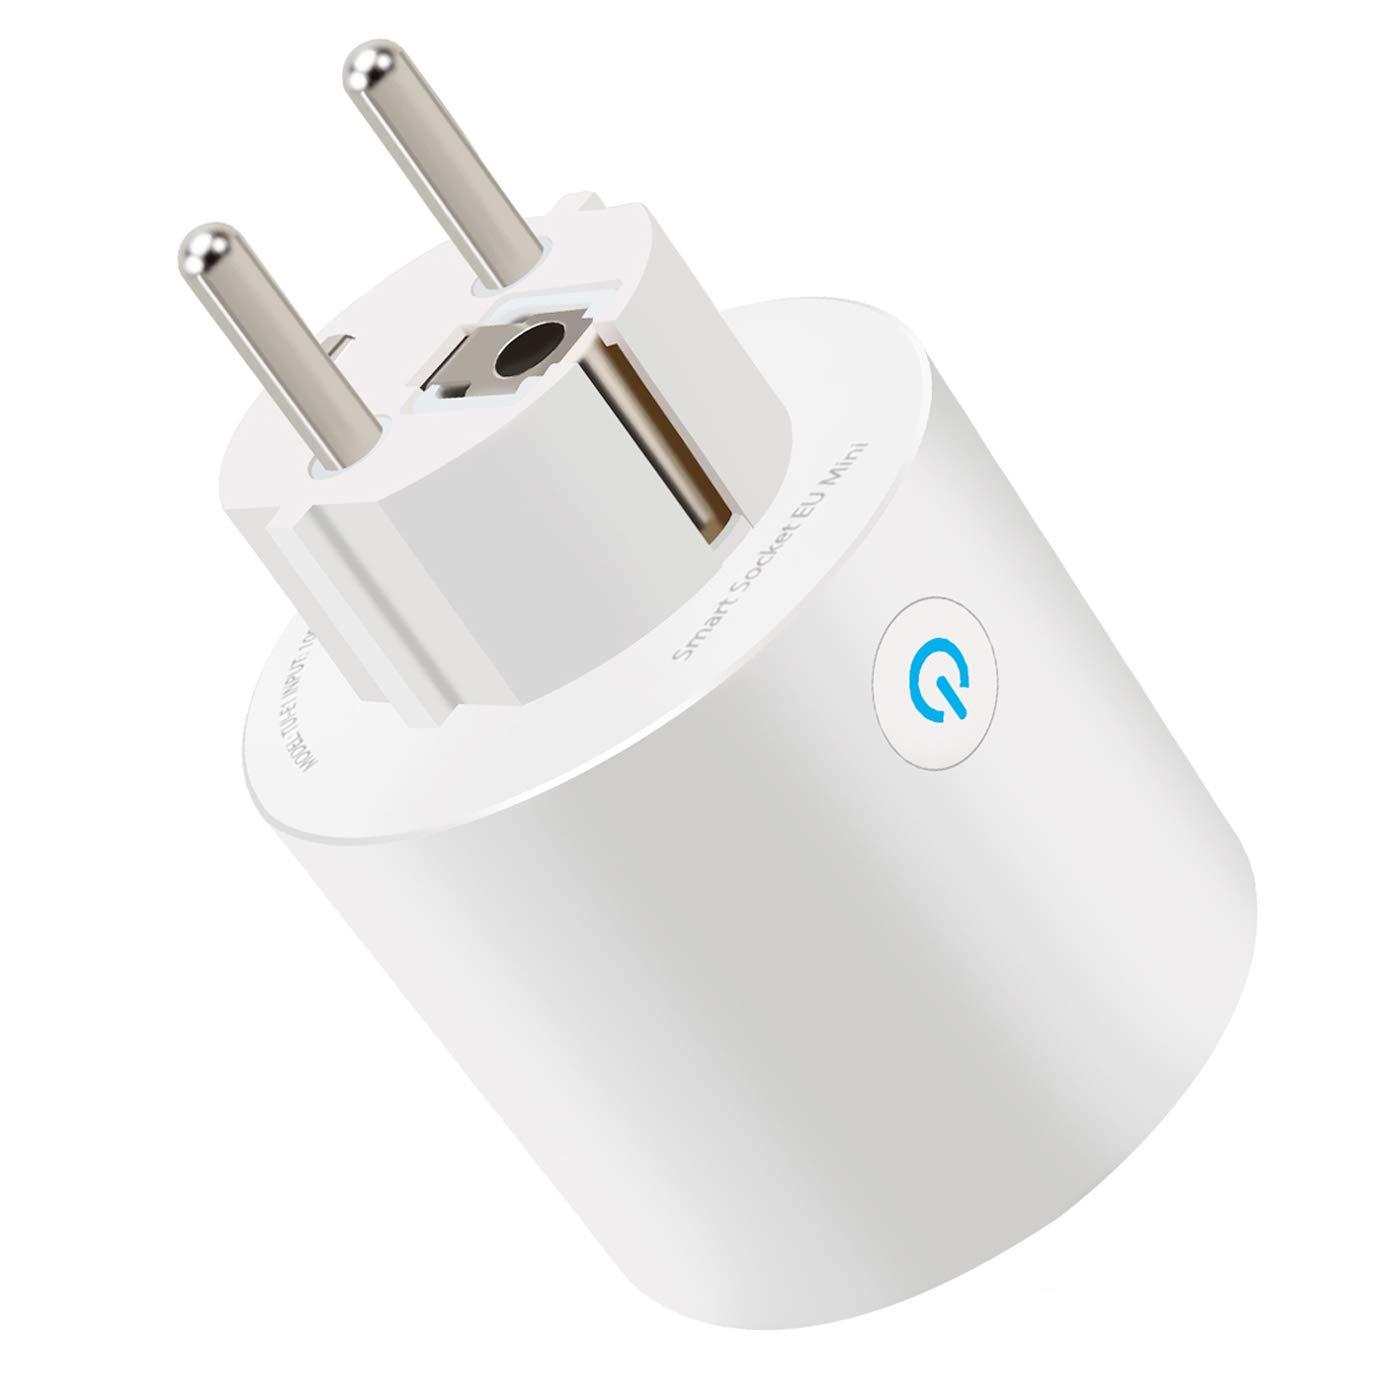 Intelligente WLAN Steckdose Smart Wifi Steckdose Stecker mit einer Fernbedienung Steuerbar Plug, Kompatibel mit  Alexa Google Home, Funktioniert mit IOS und Android BOMCHIN